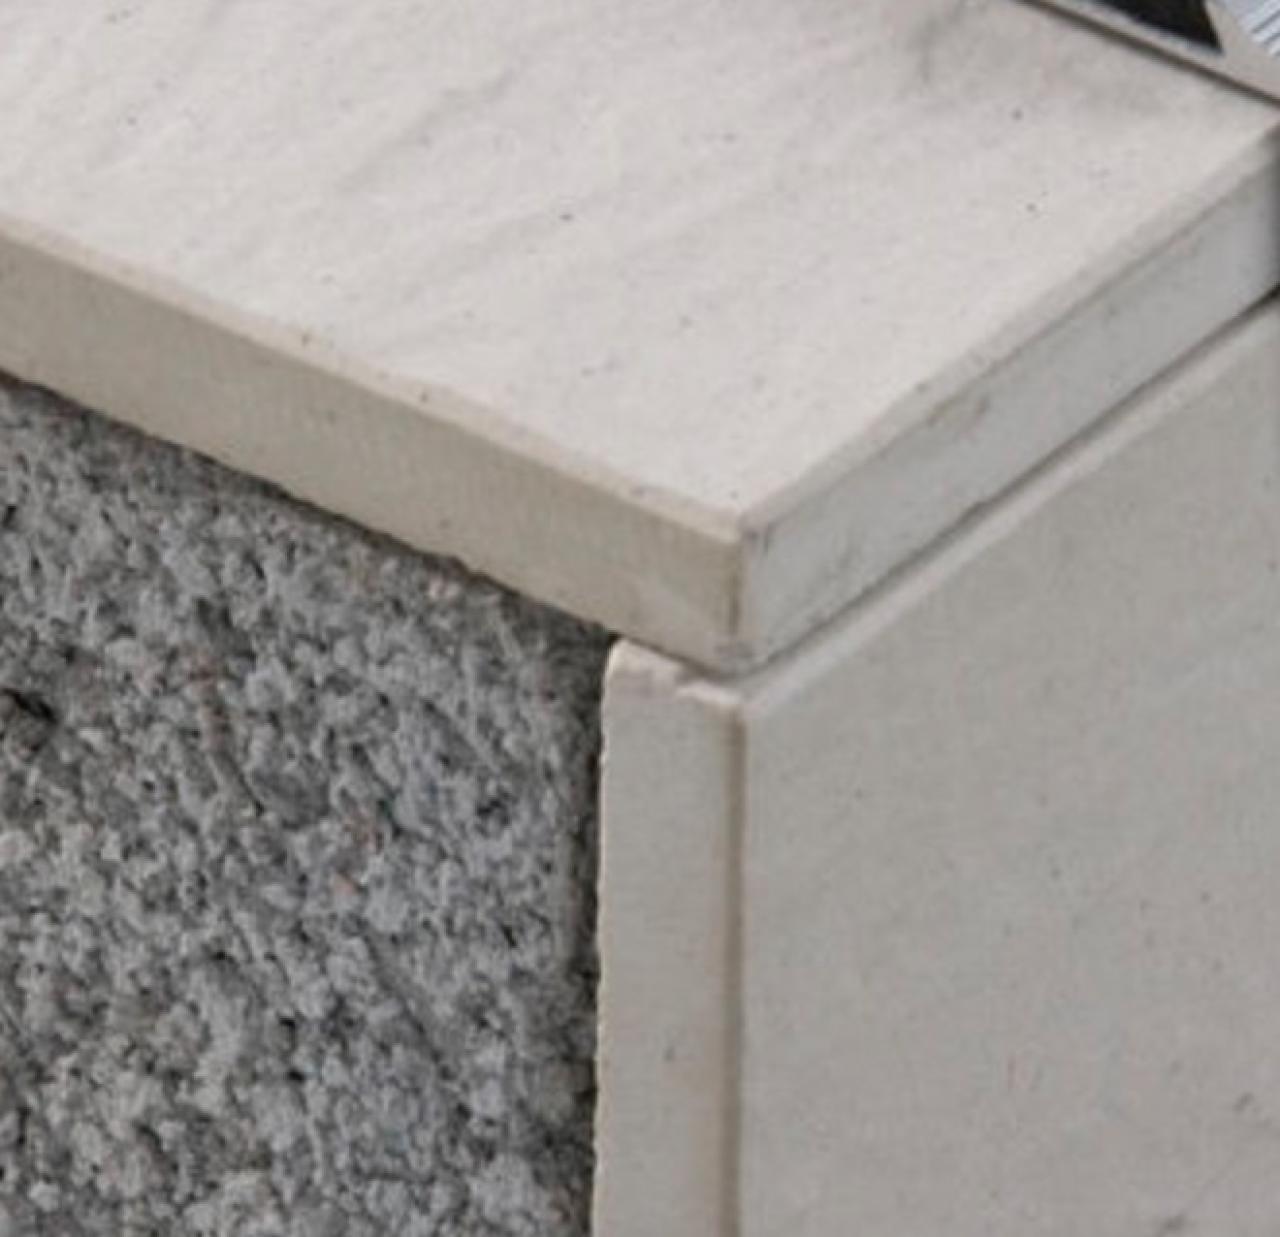 Gradini Per Scale In Gres Scala Interna Di Casa Legno